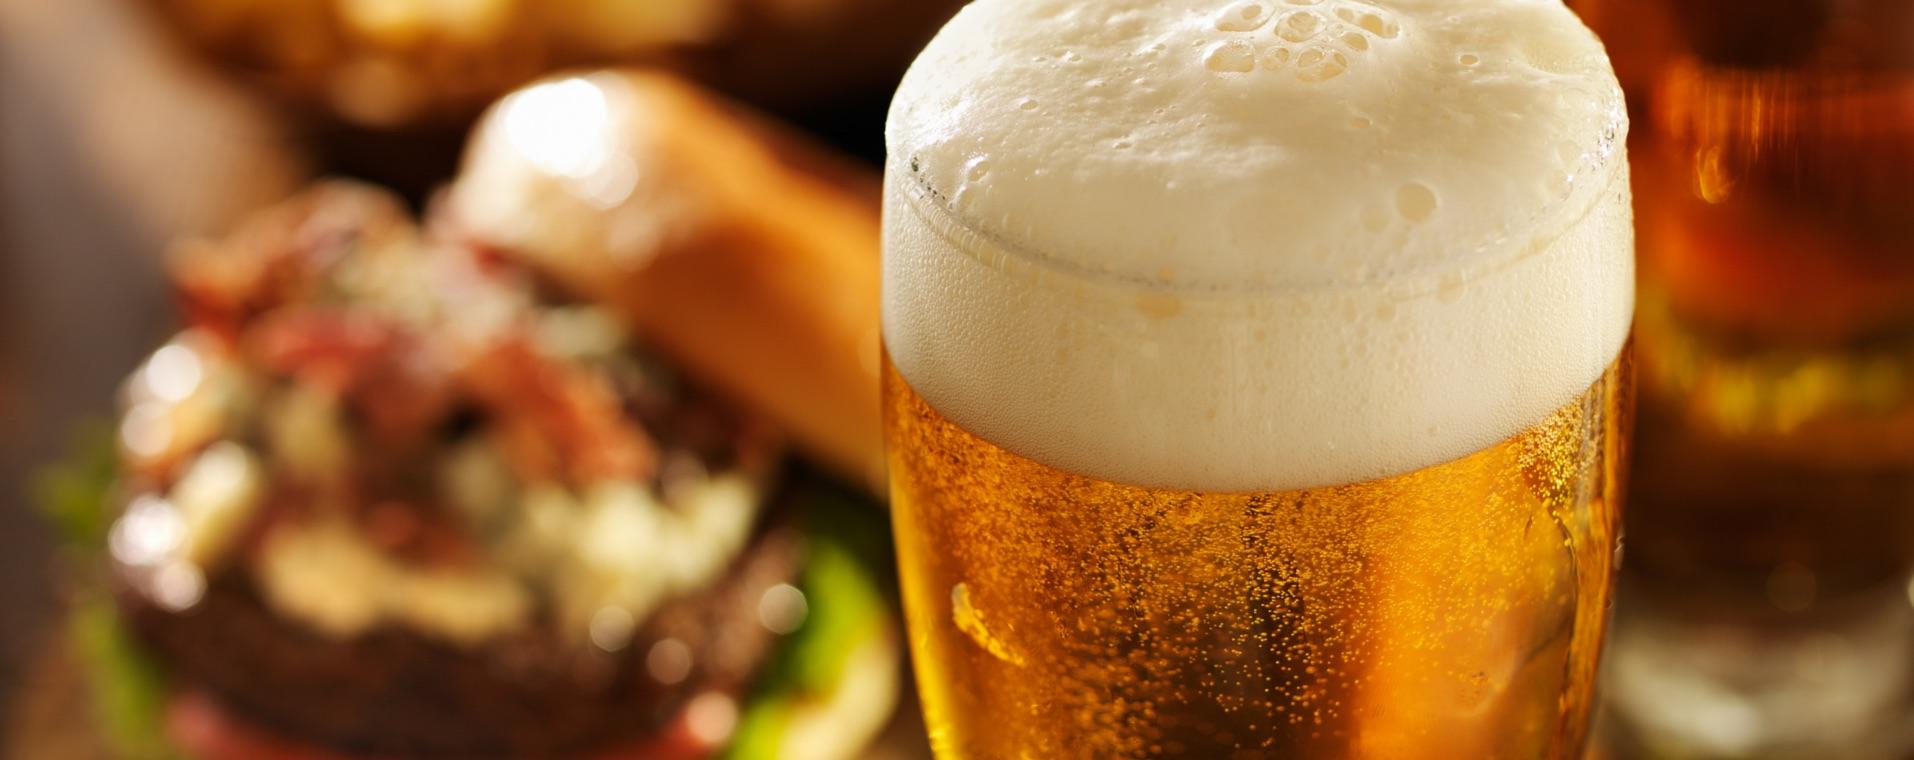 Beerwithburgerbackground1914x760